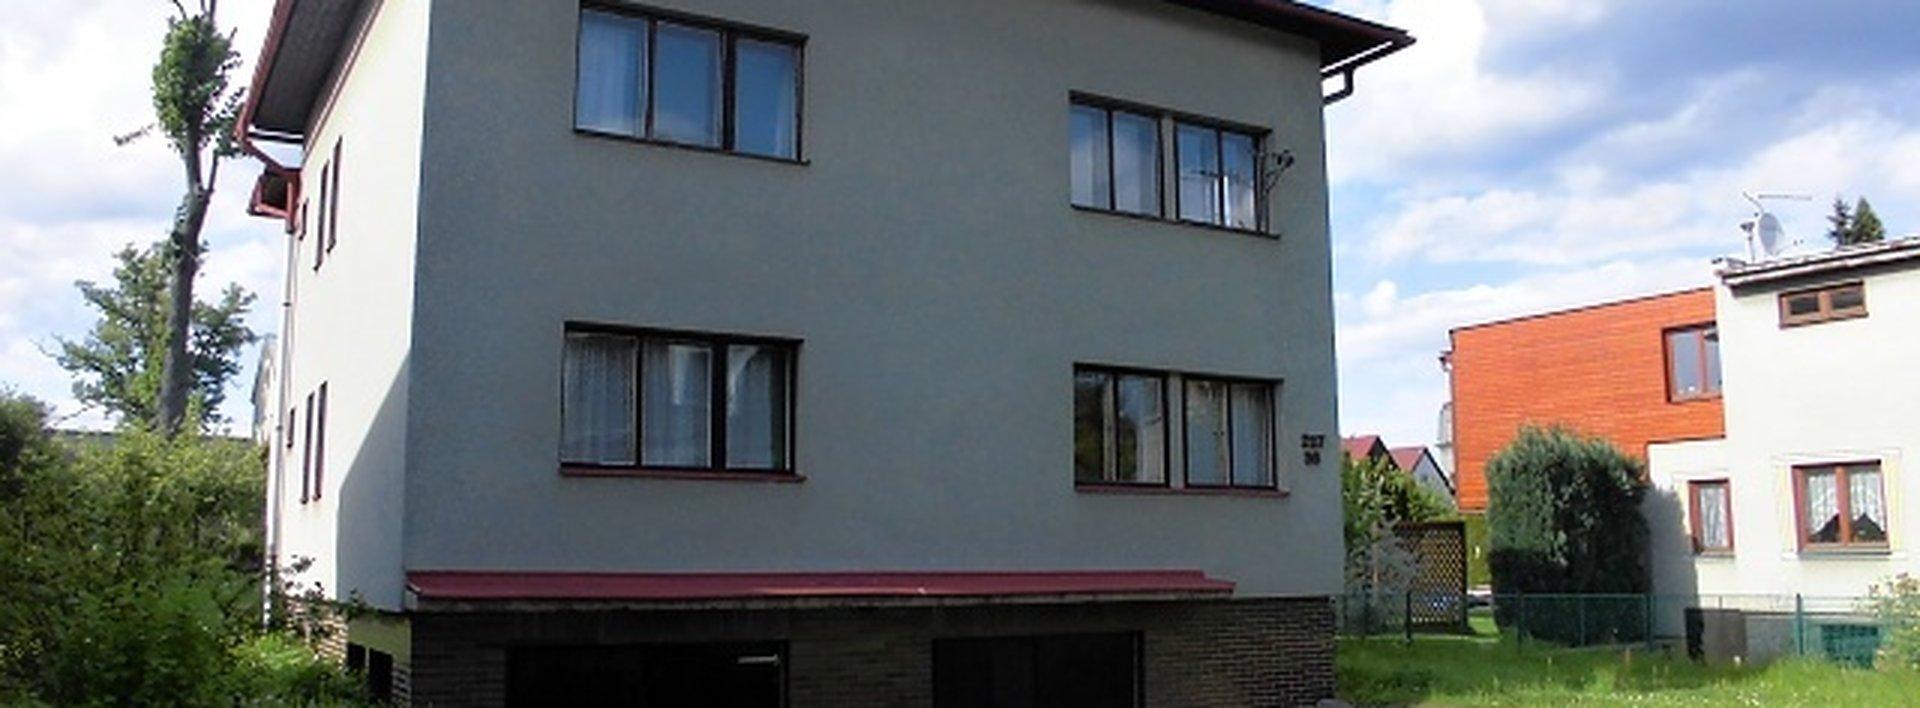 Prostorná rodinná vilka s možností dvougeneračního bydlení, LBC - Křižíkova ul., Ev.č.: N46734